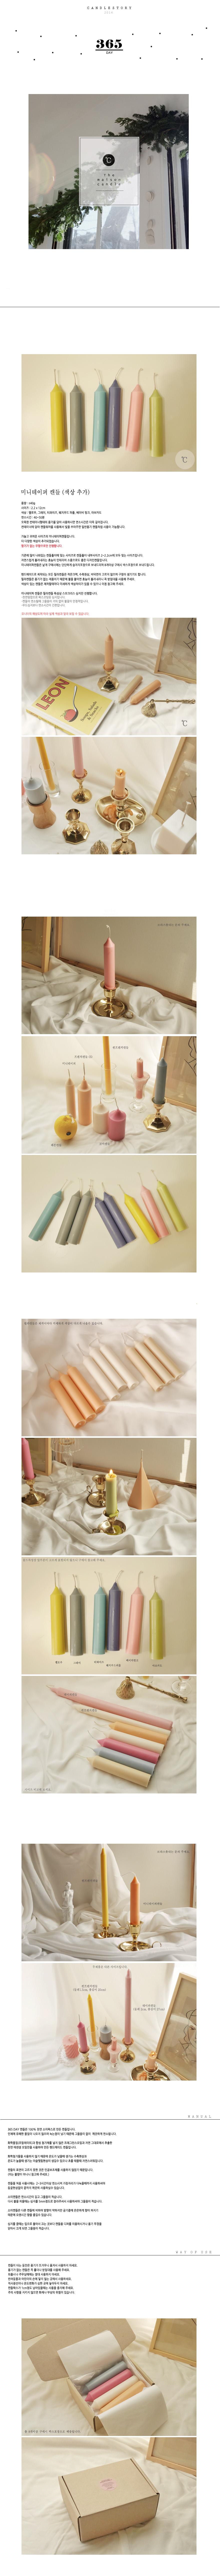 미니테이퍼 캔들 (촛대캔들) 색상추가 - 365데이, 3,200원, 캔들, 필라캔들